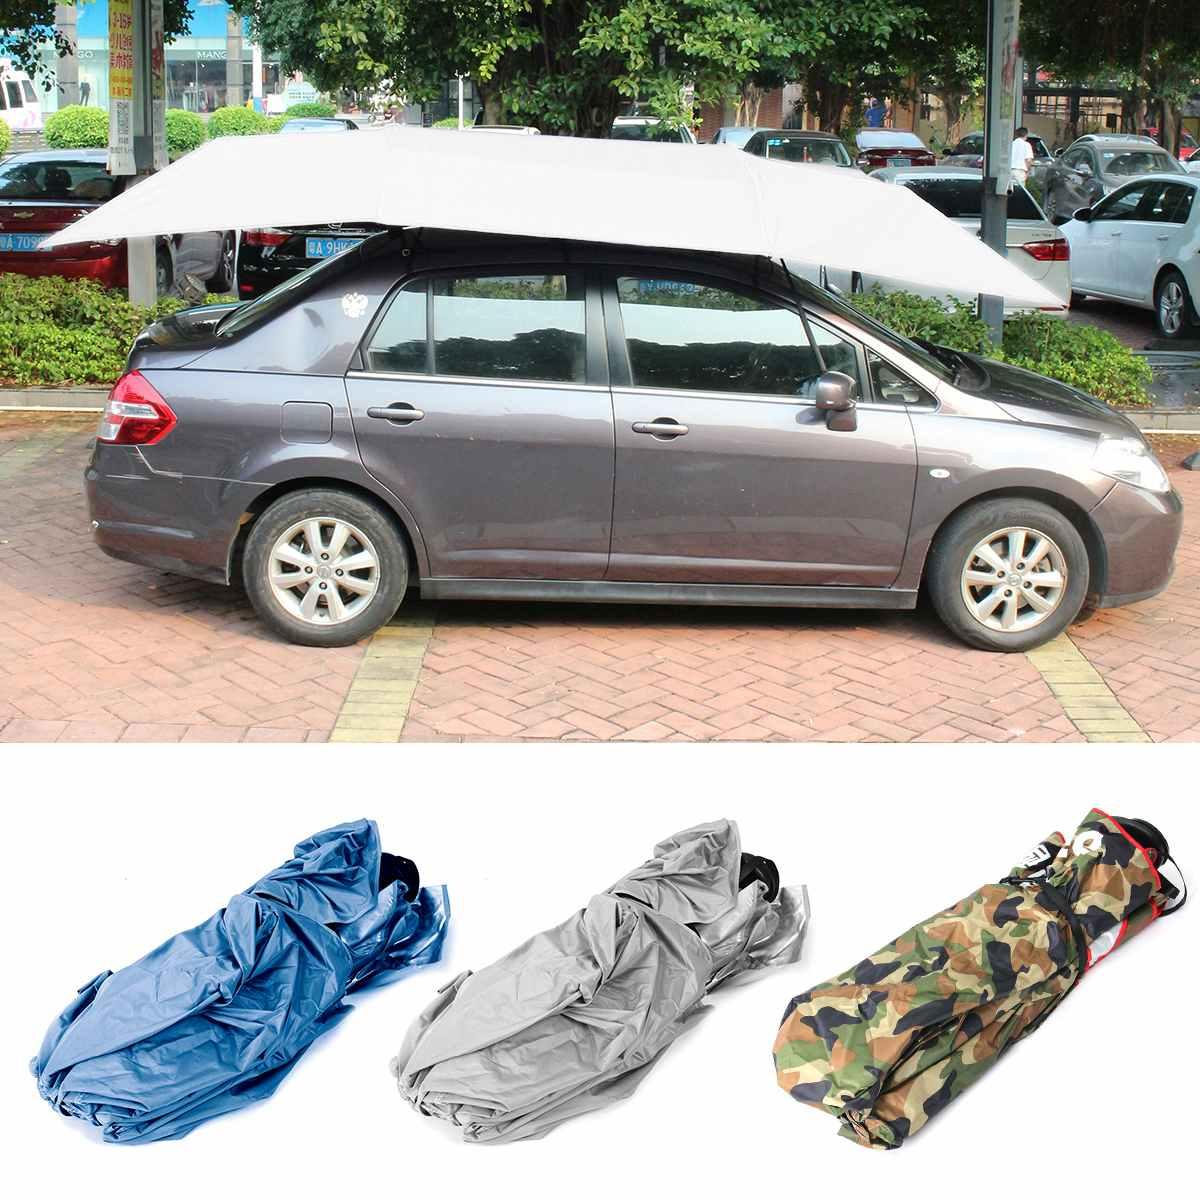 400x210cm semi-automatique voiture parapluie parasol tente couverture de toit Anti-UV Protection chaude extérieur protecteur soleil ombre été